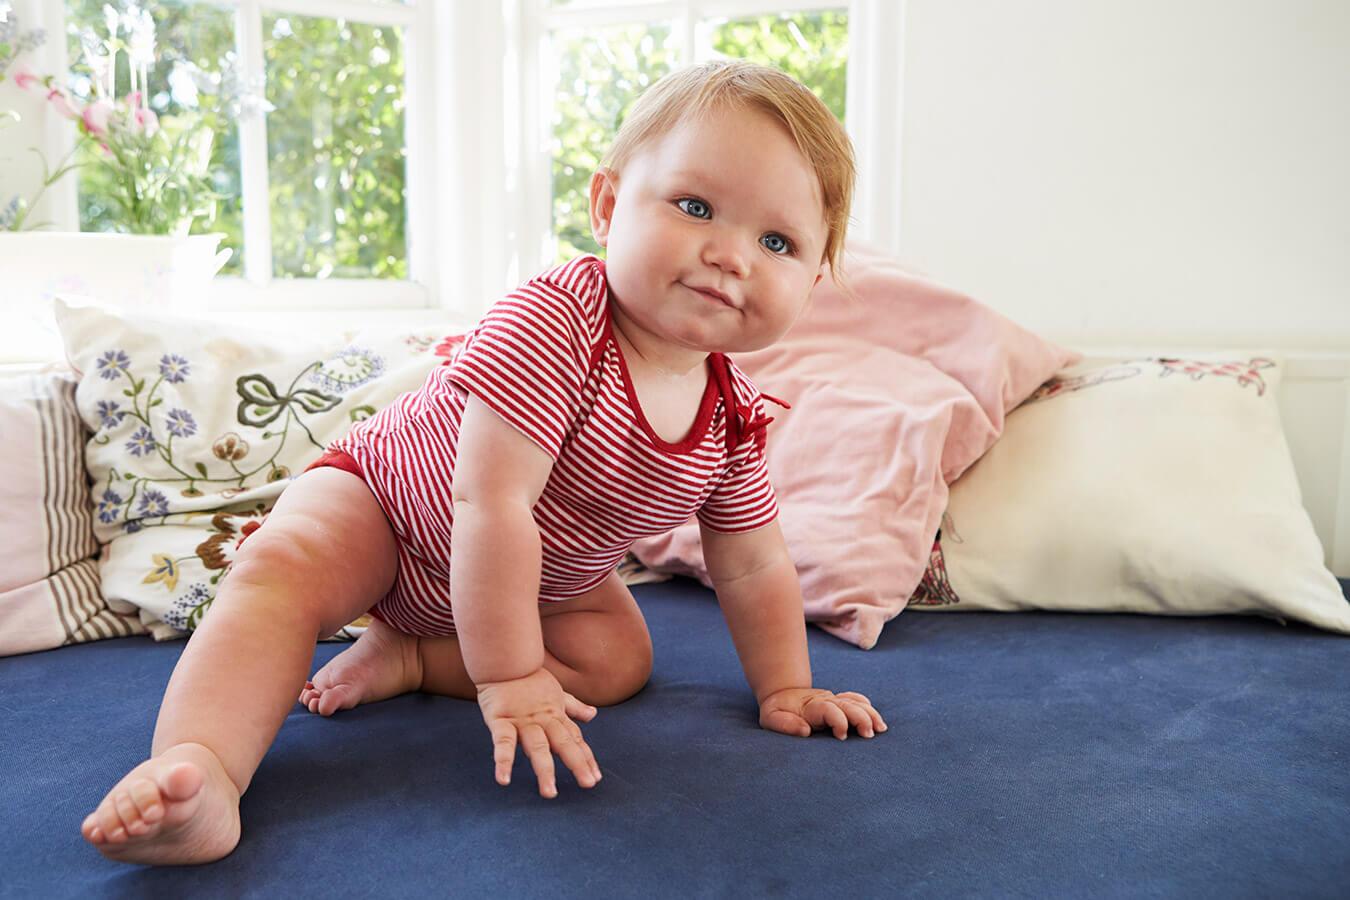 34 tygodniowe dziecko – Jak wygląda 8 miesiąc życia dziecka?